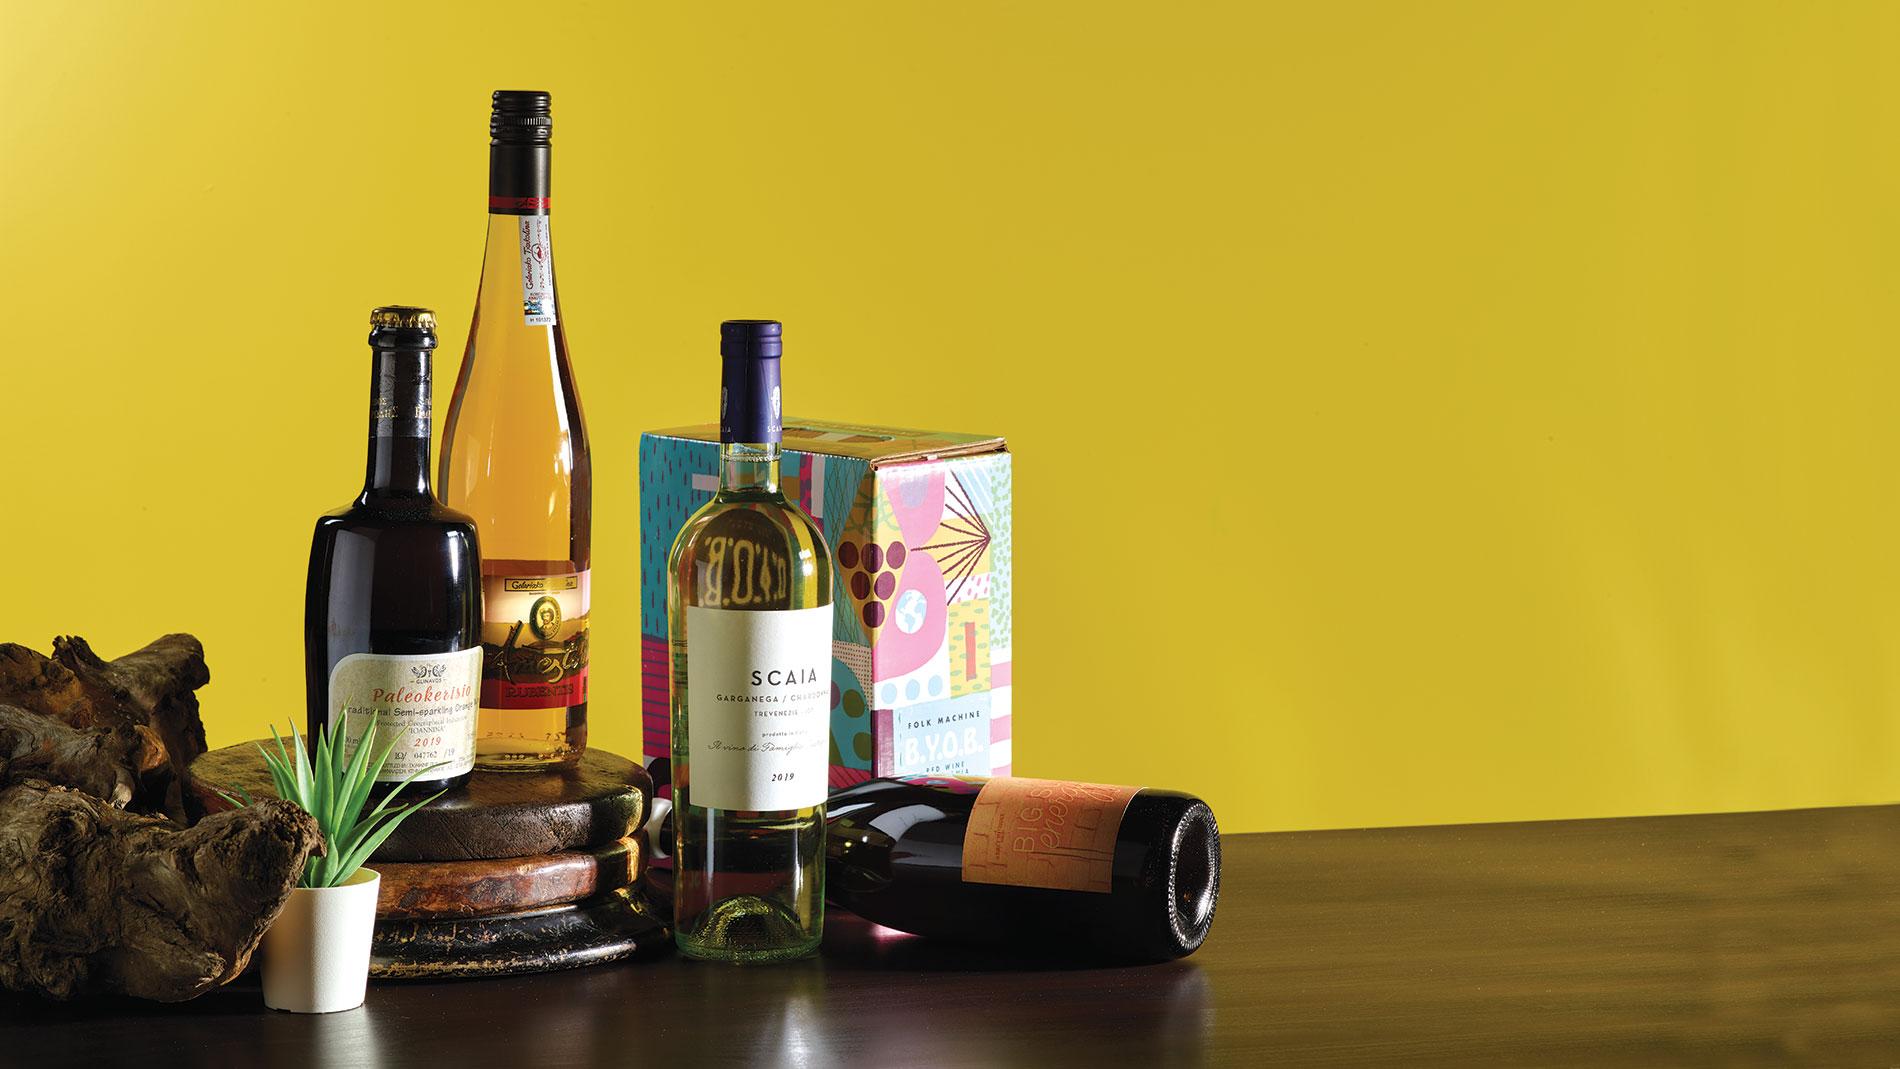 golden hour-friendly wines